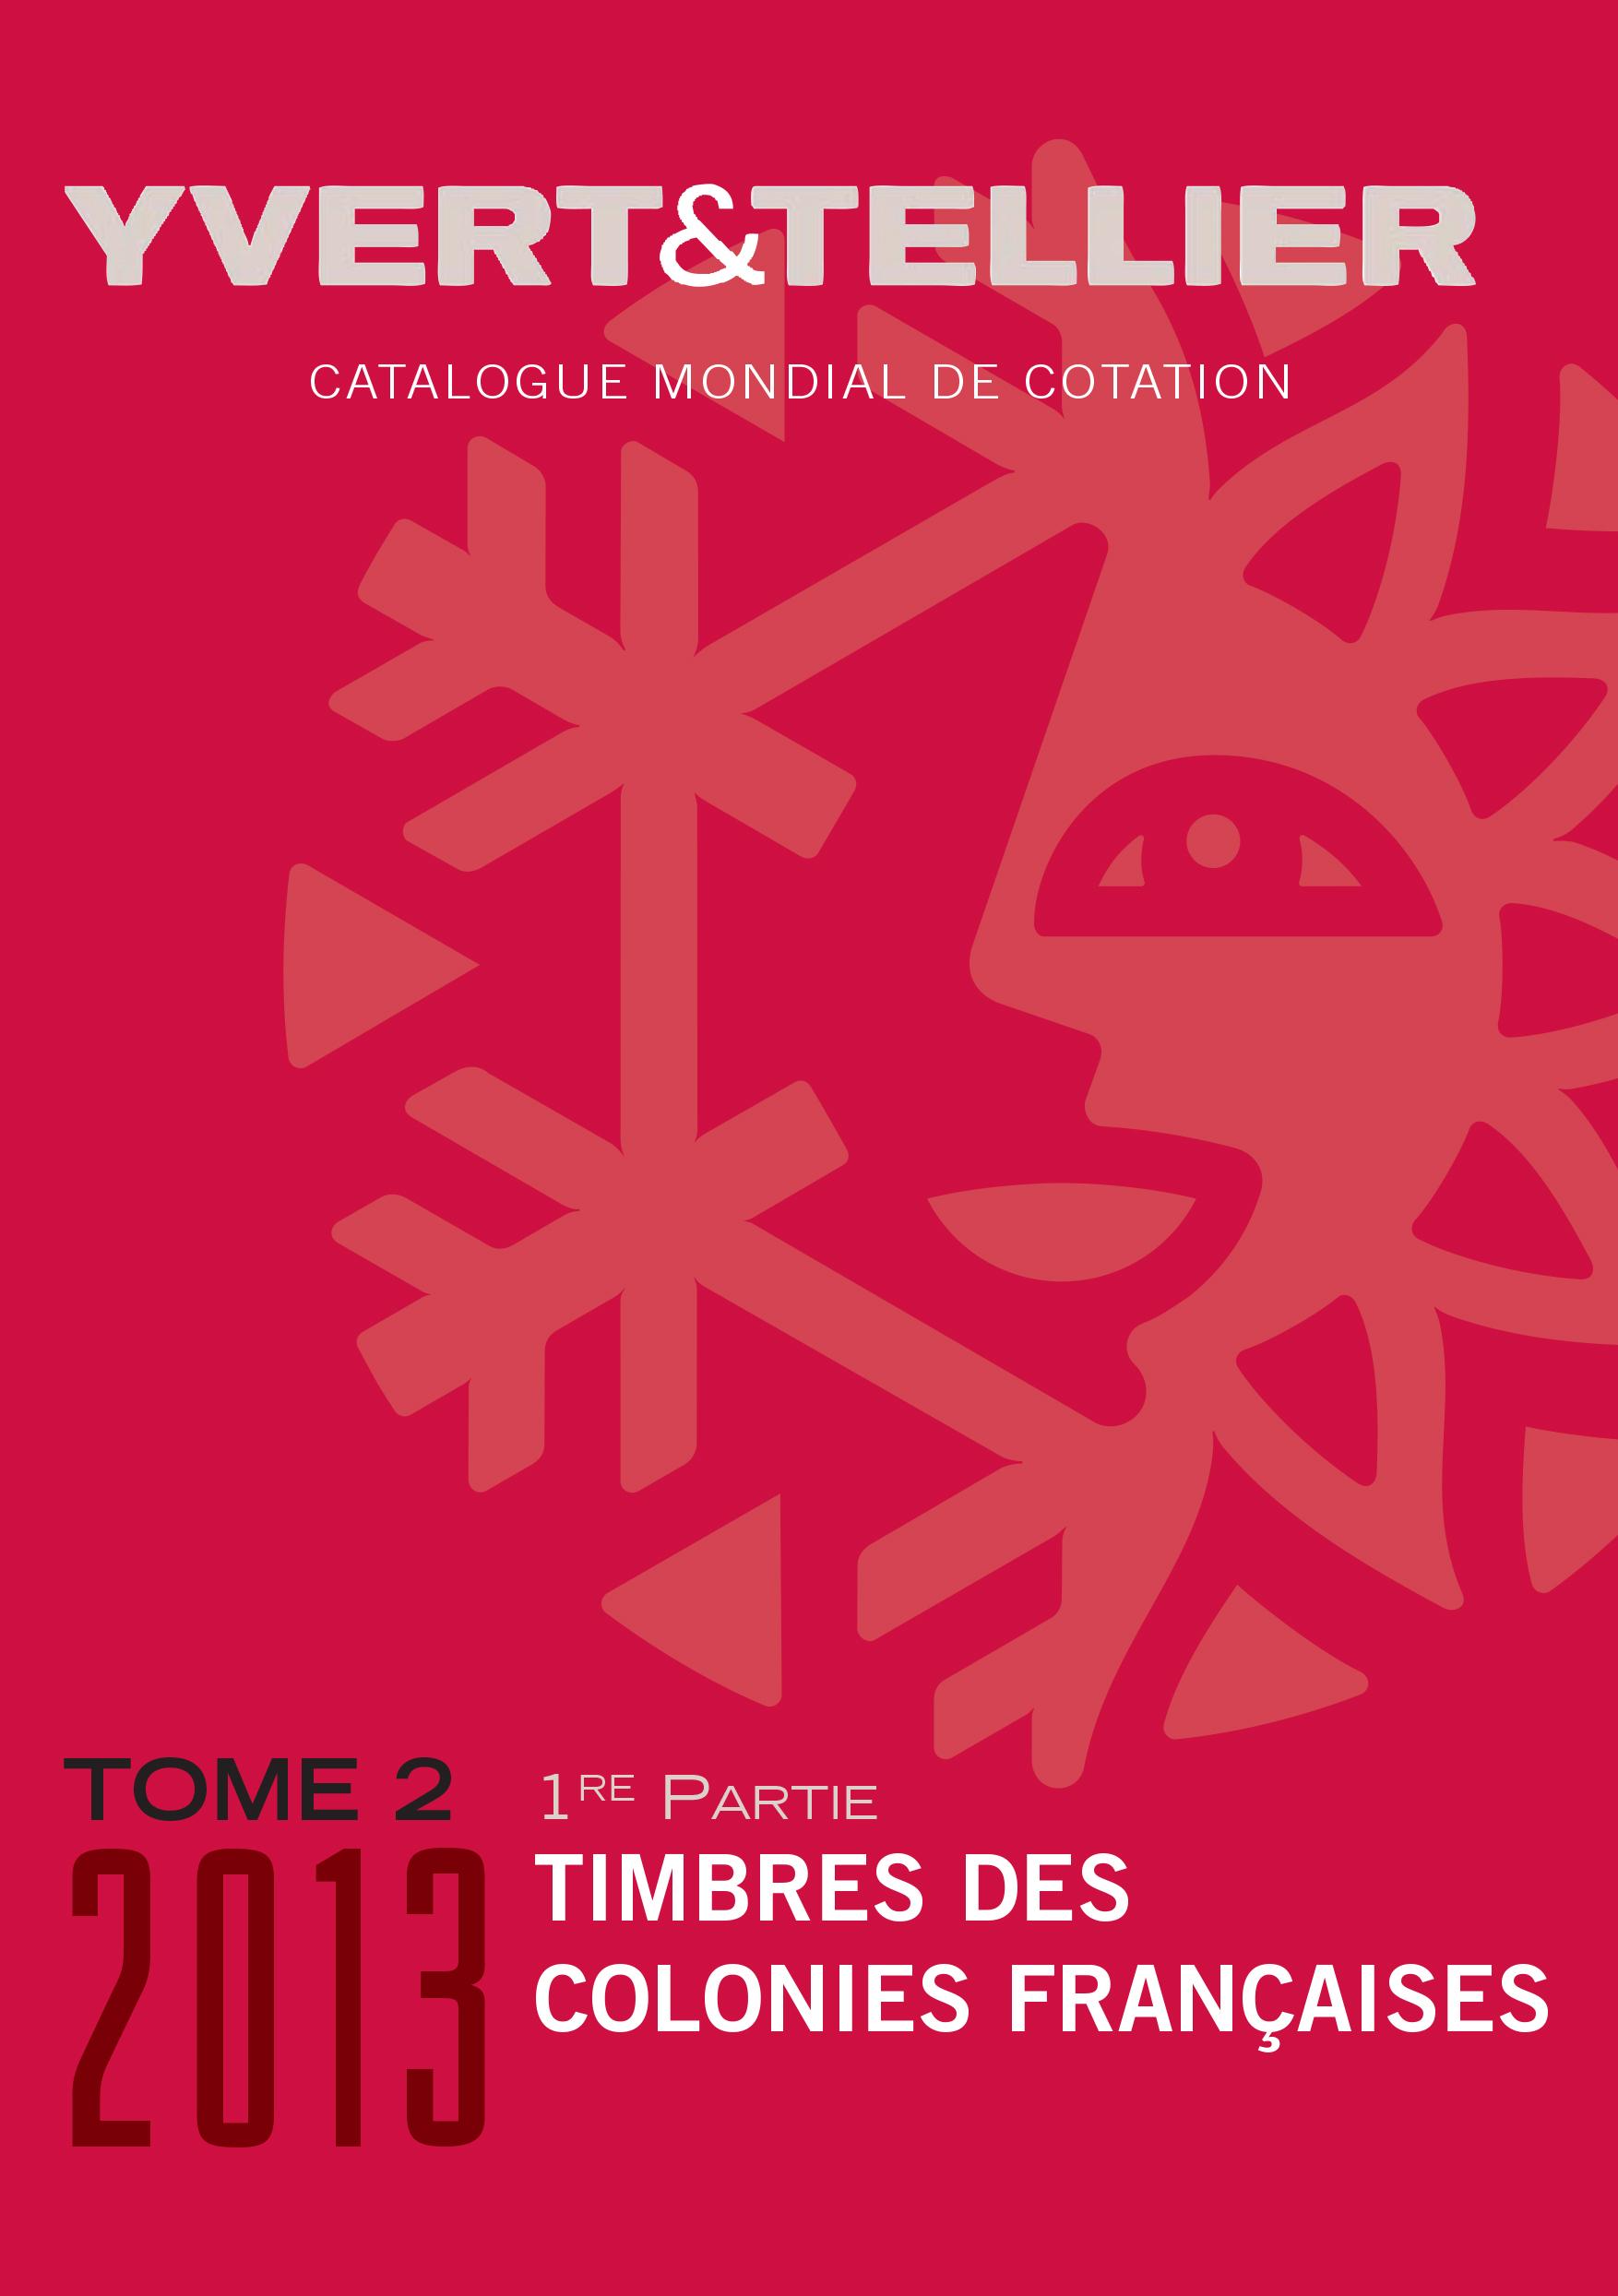 Yvert & Tellier 2013 Timbres des Colonies Francaises Tome 2 1Par